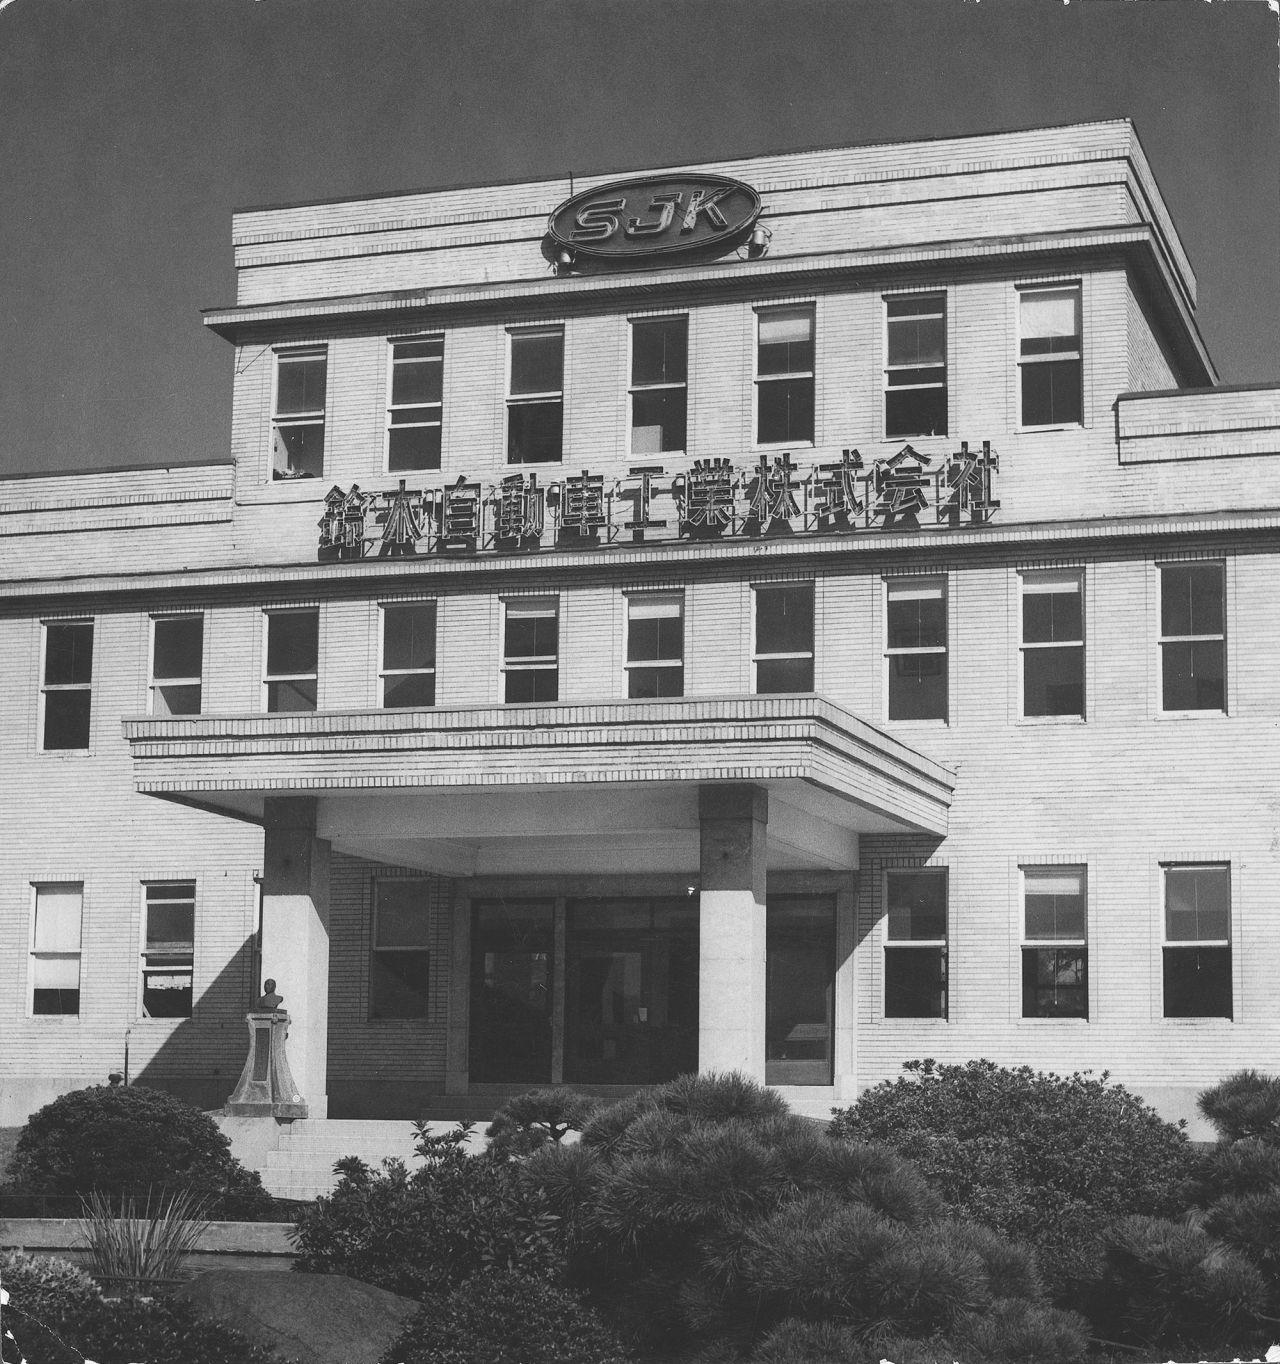 Firma zmienia nazwę na Suzuki Motor Co., Ltd.